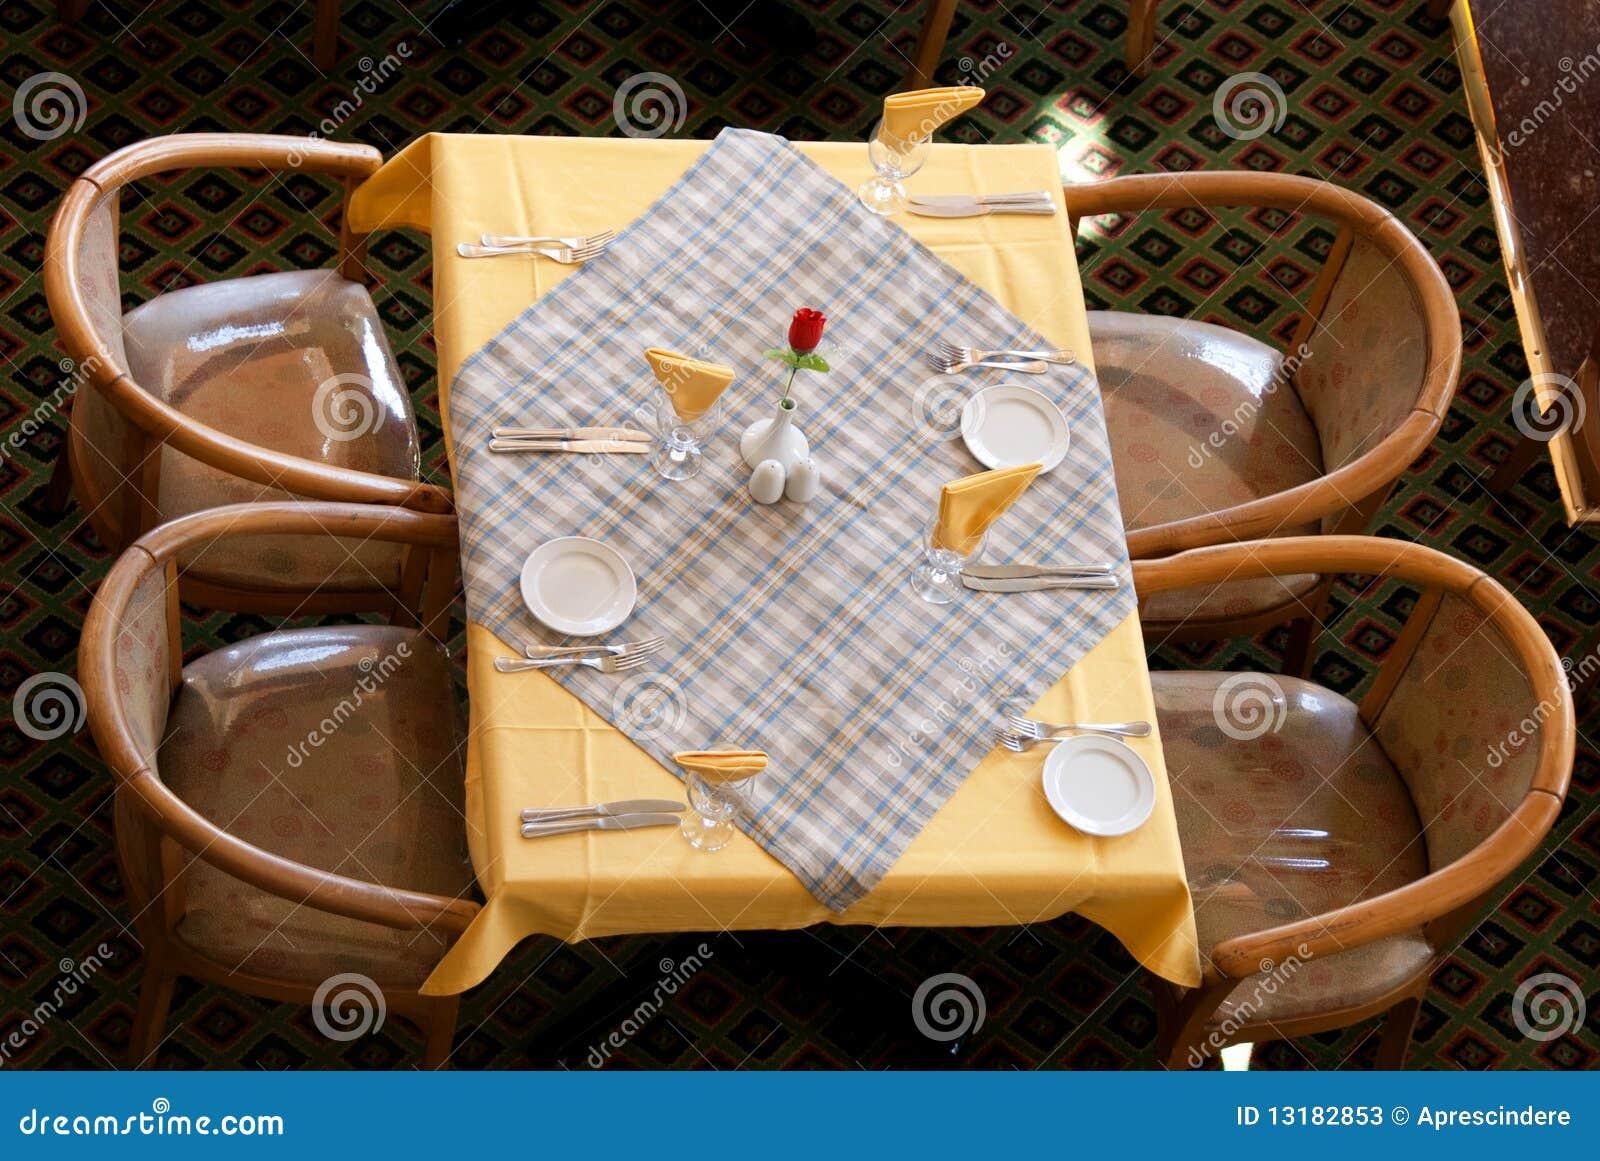 Επιτραπέζιο εστιατόριο